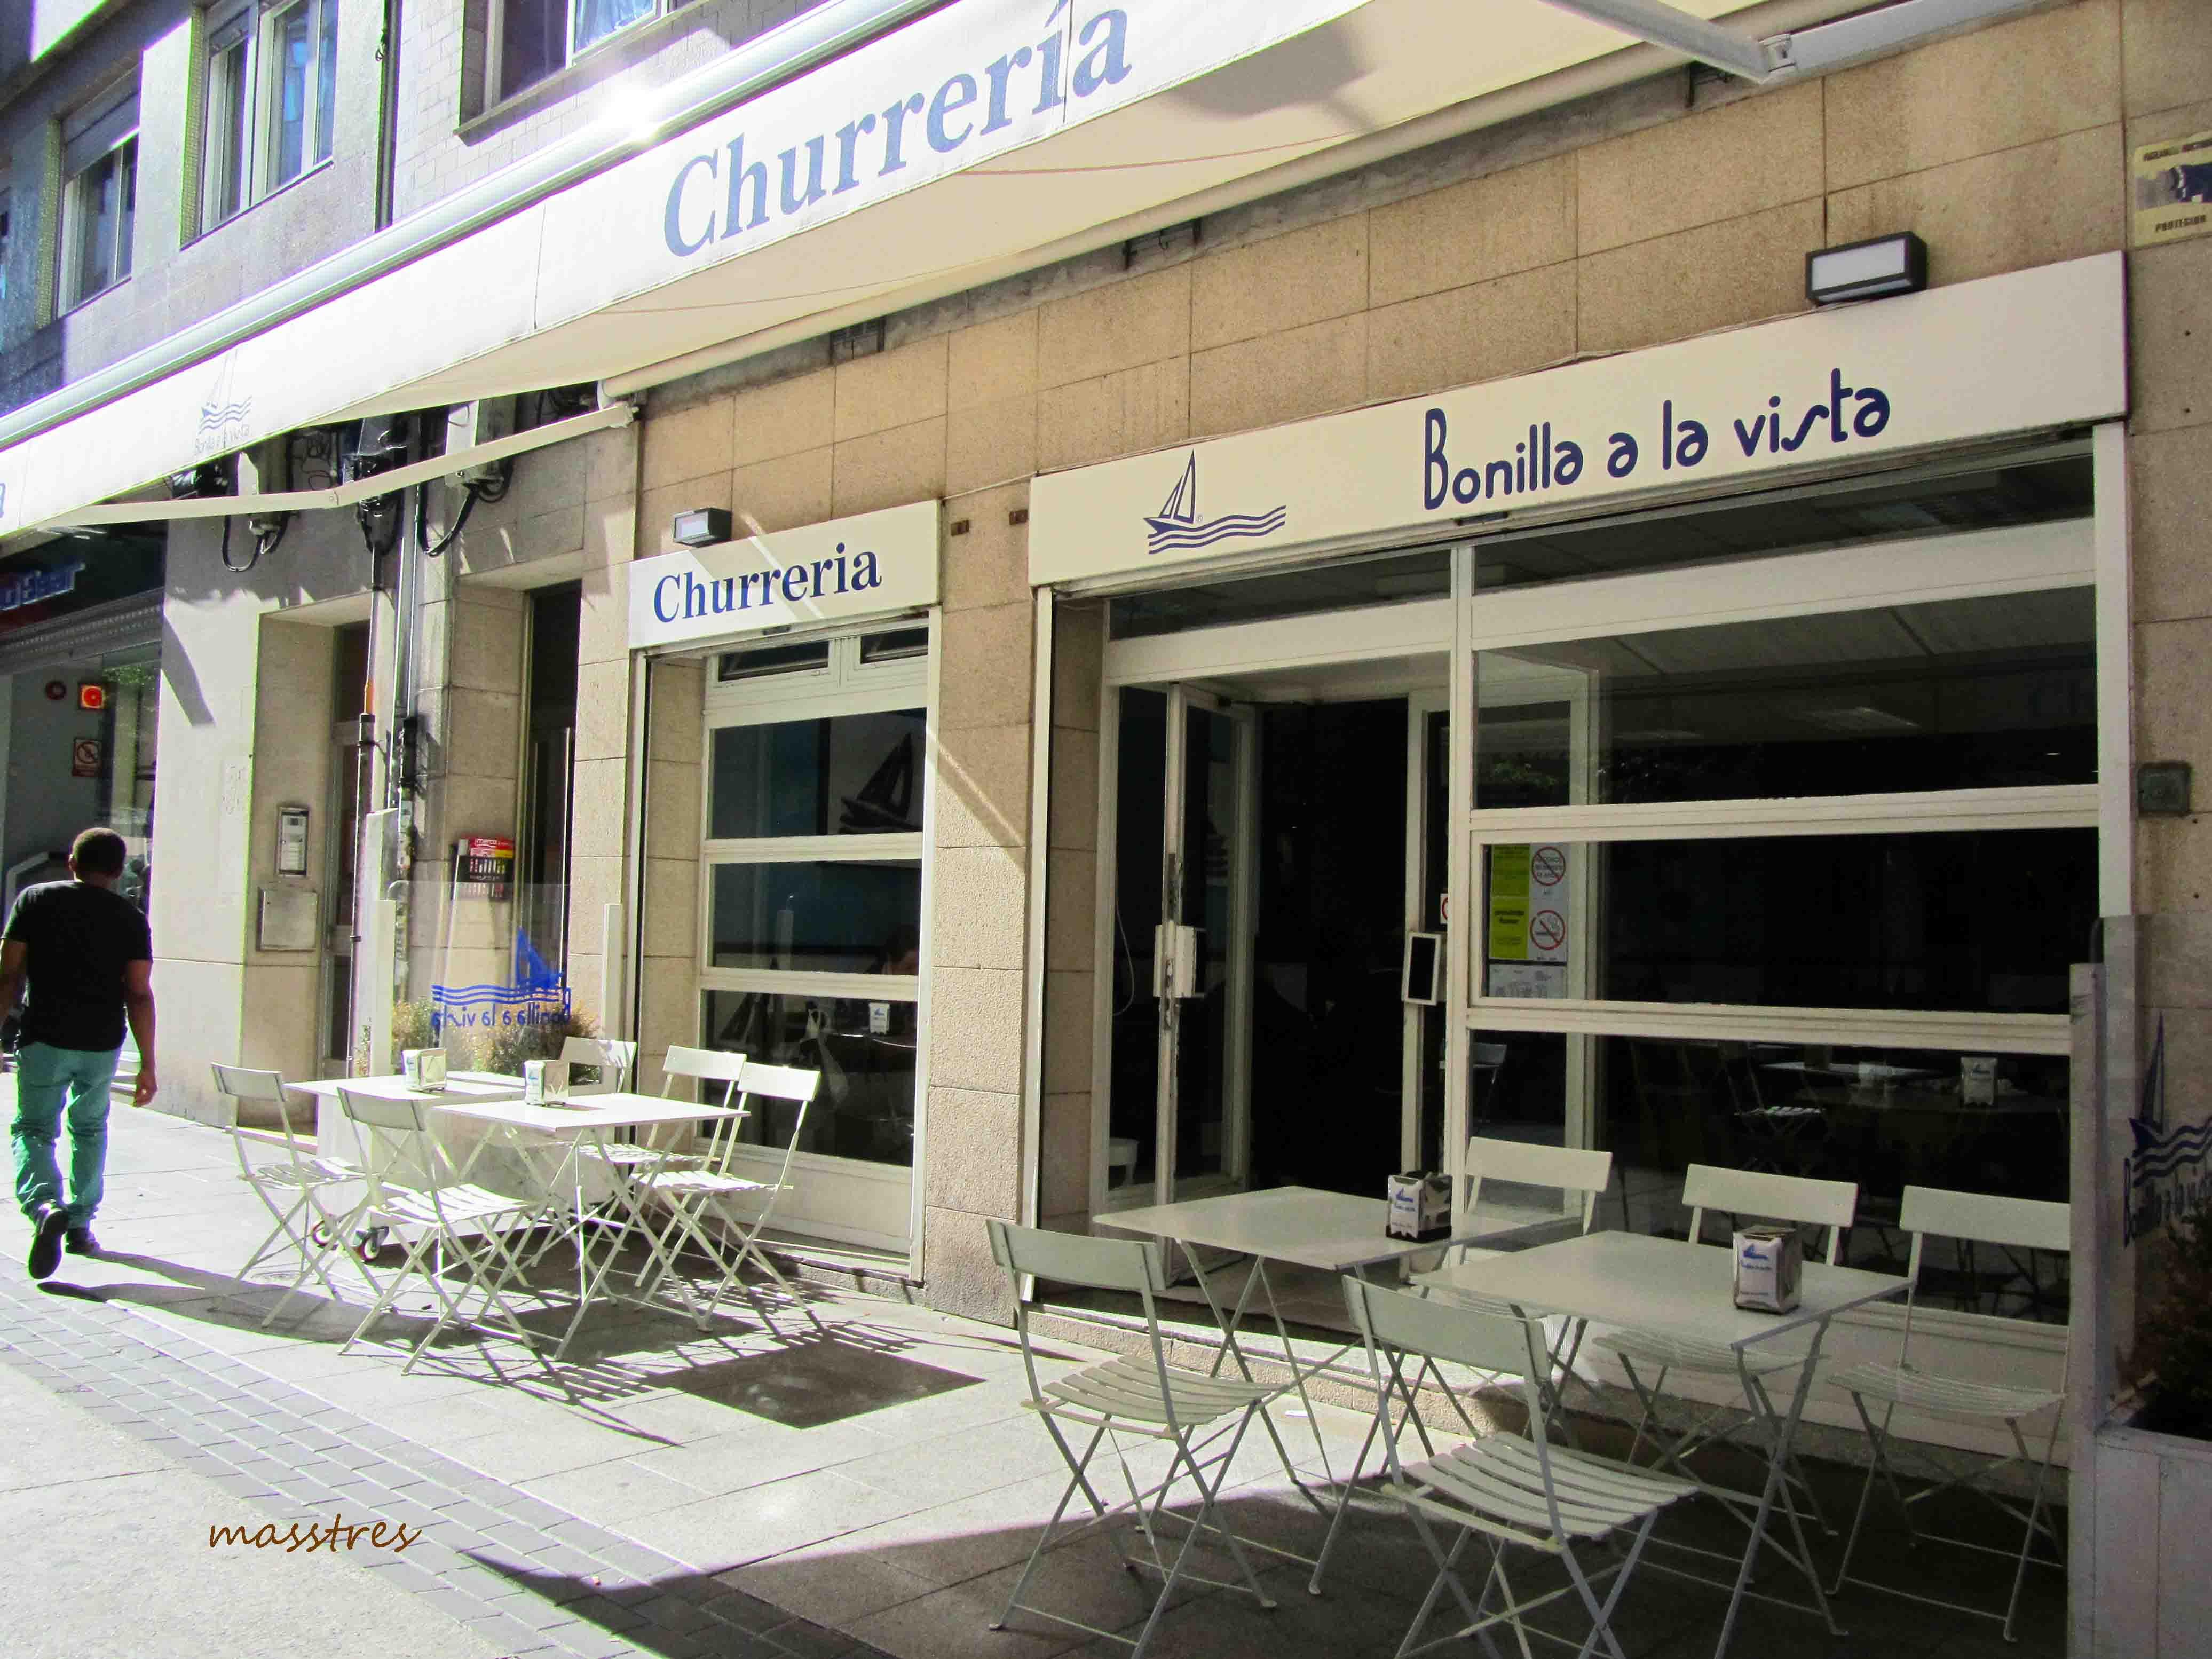 churreria-bonilla-a-la-vista-mss